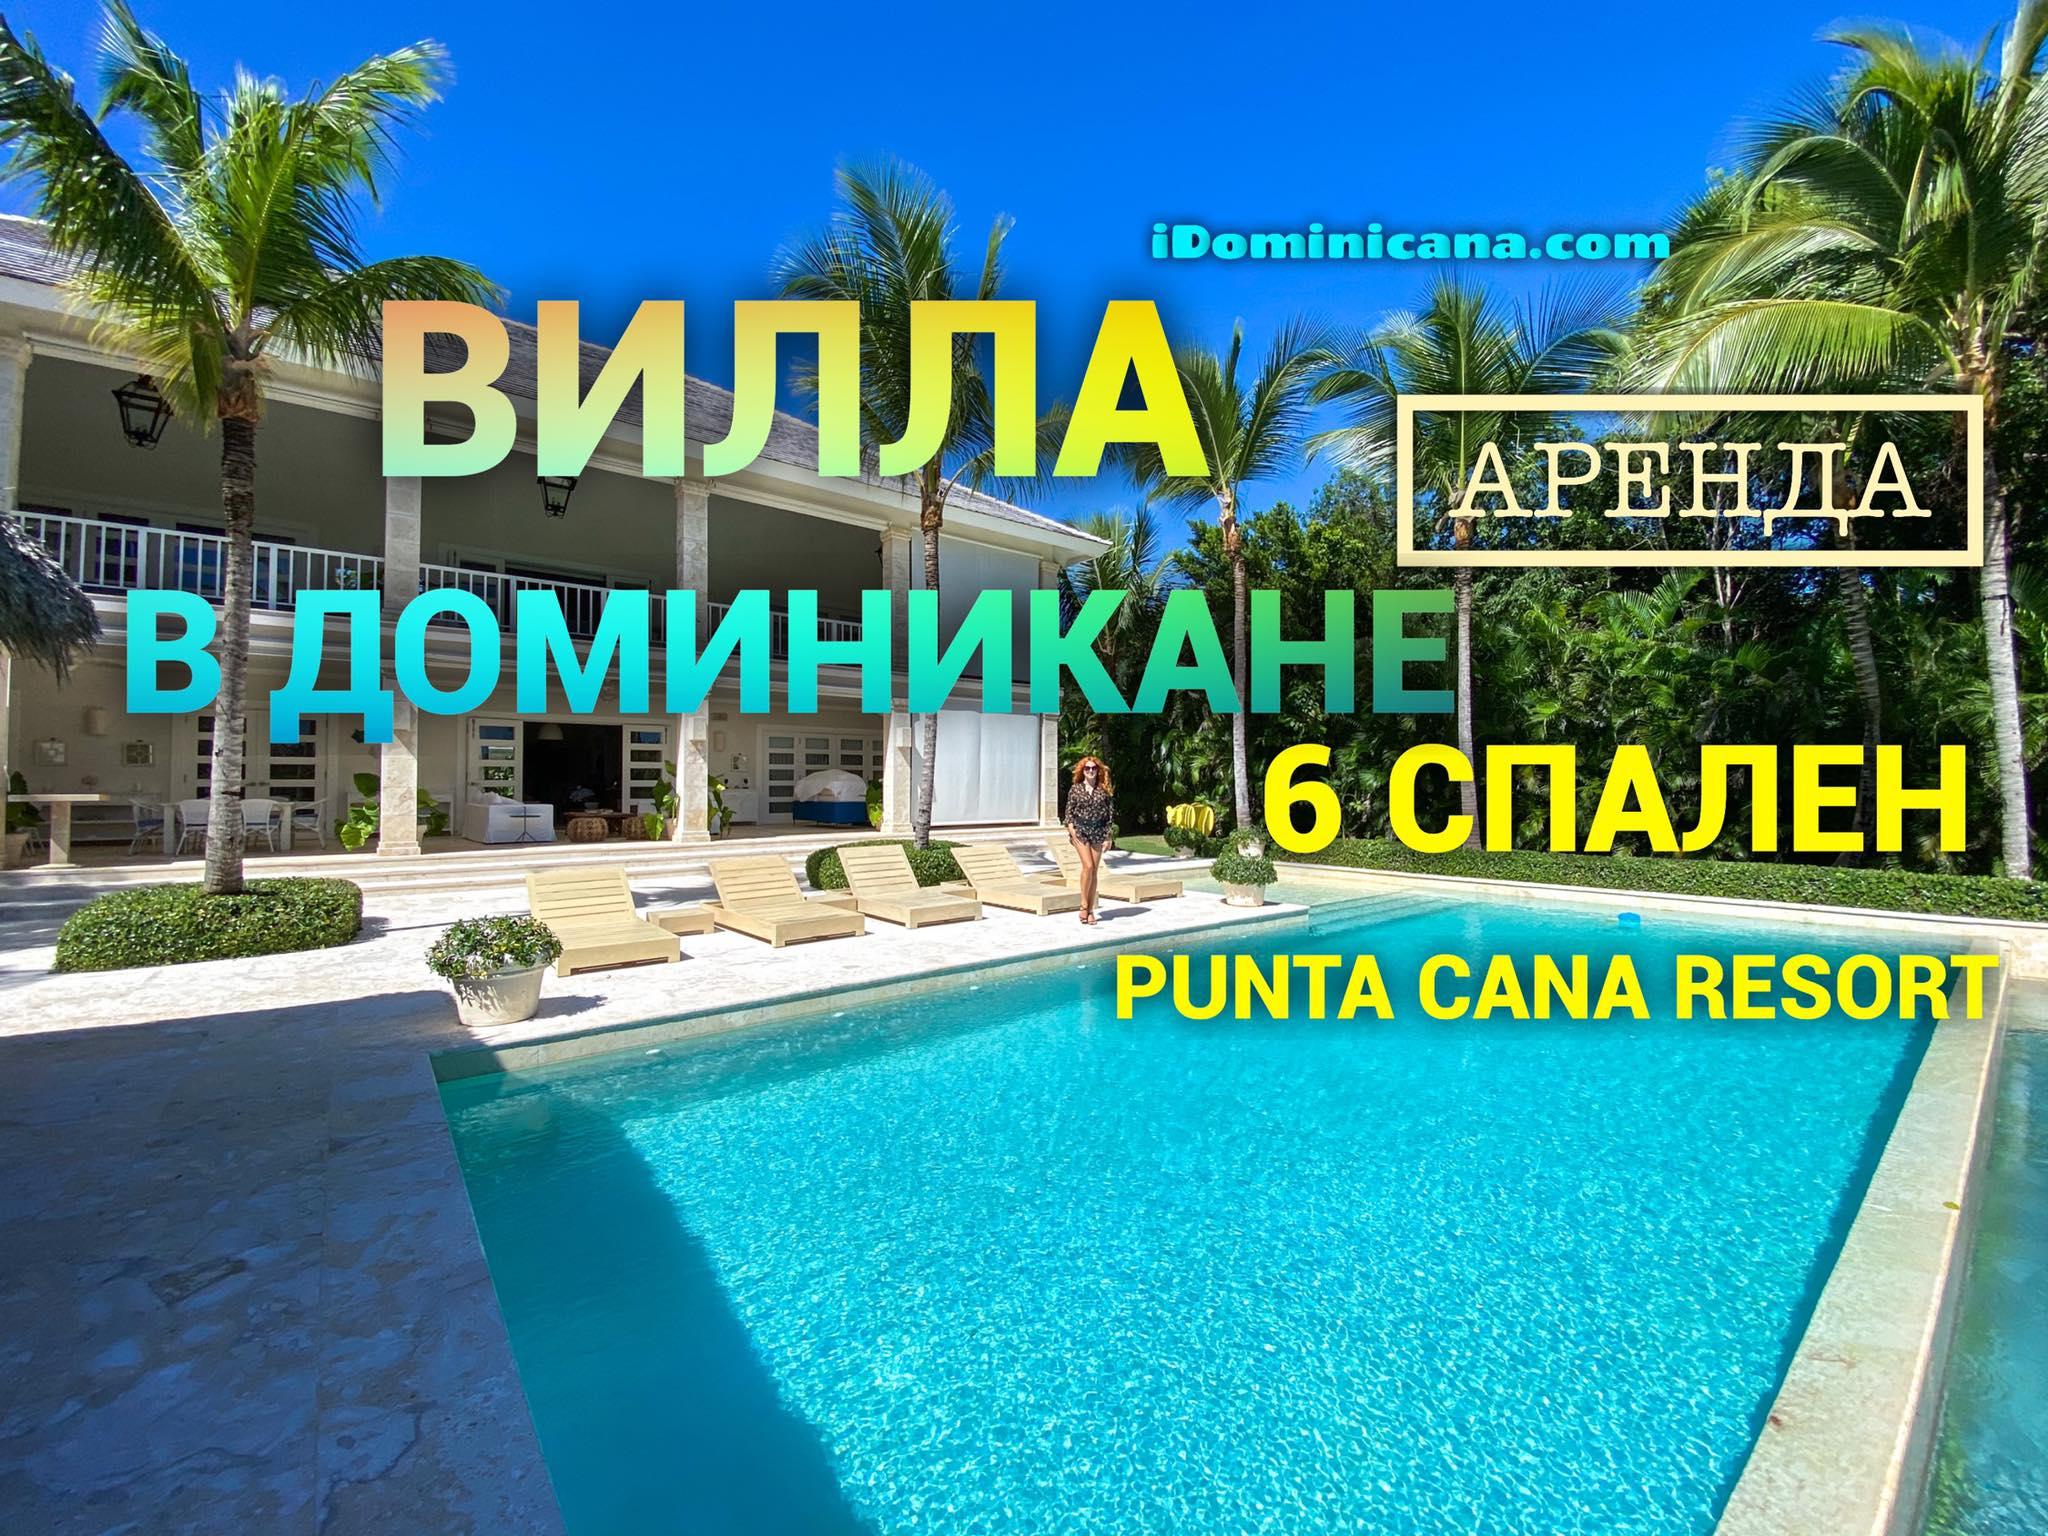 Вилла в Доминикане (аренда): 6 спален, PuntaCana resort - ВИДЕО